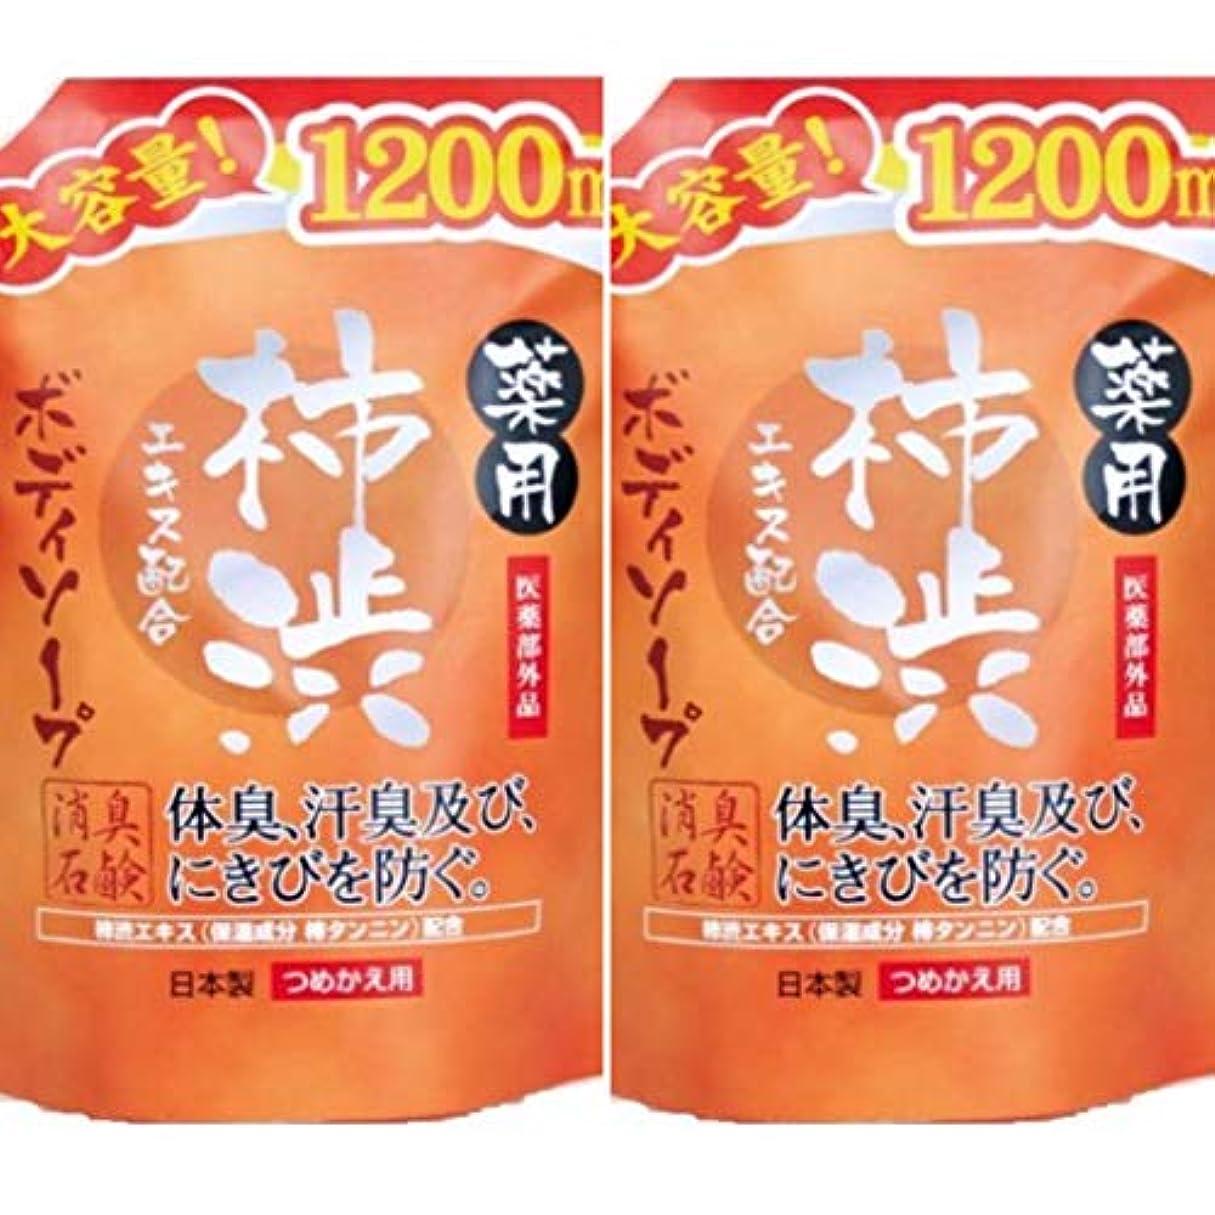 死の顎中国遅れ薬用柿渋 ボディソープ大容量 1200mL ×2セット